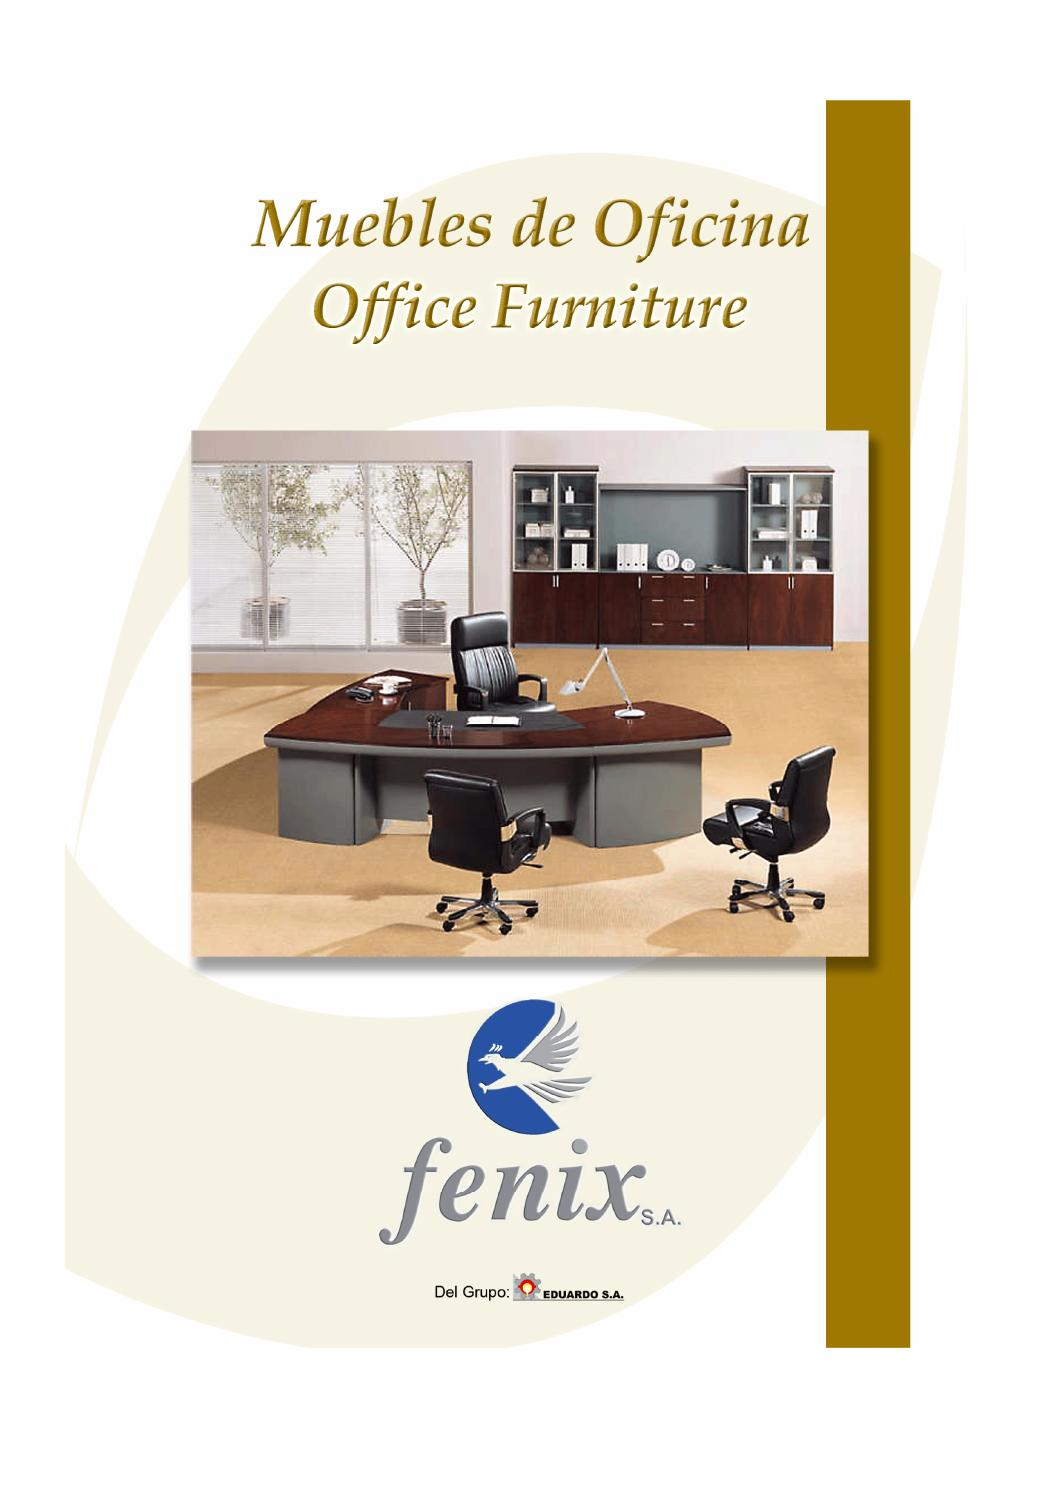 Catalogo muebles oficina by eduardosa bolivia issuu - Catalogo muebles oficina ...